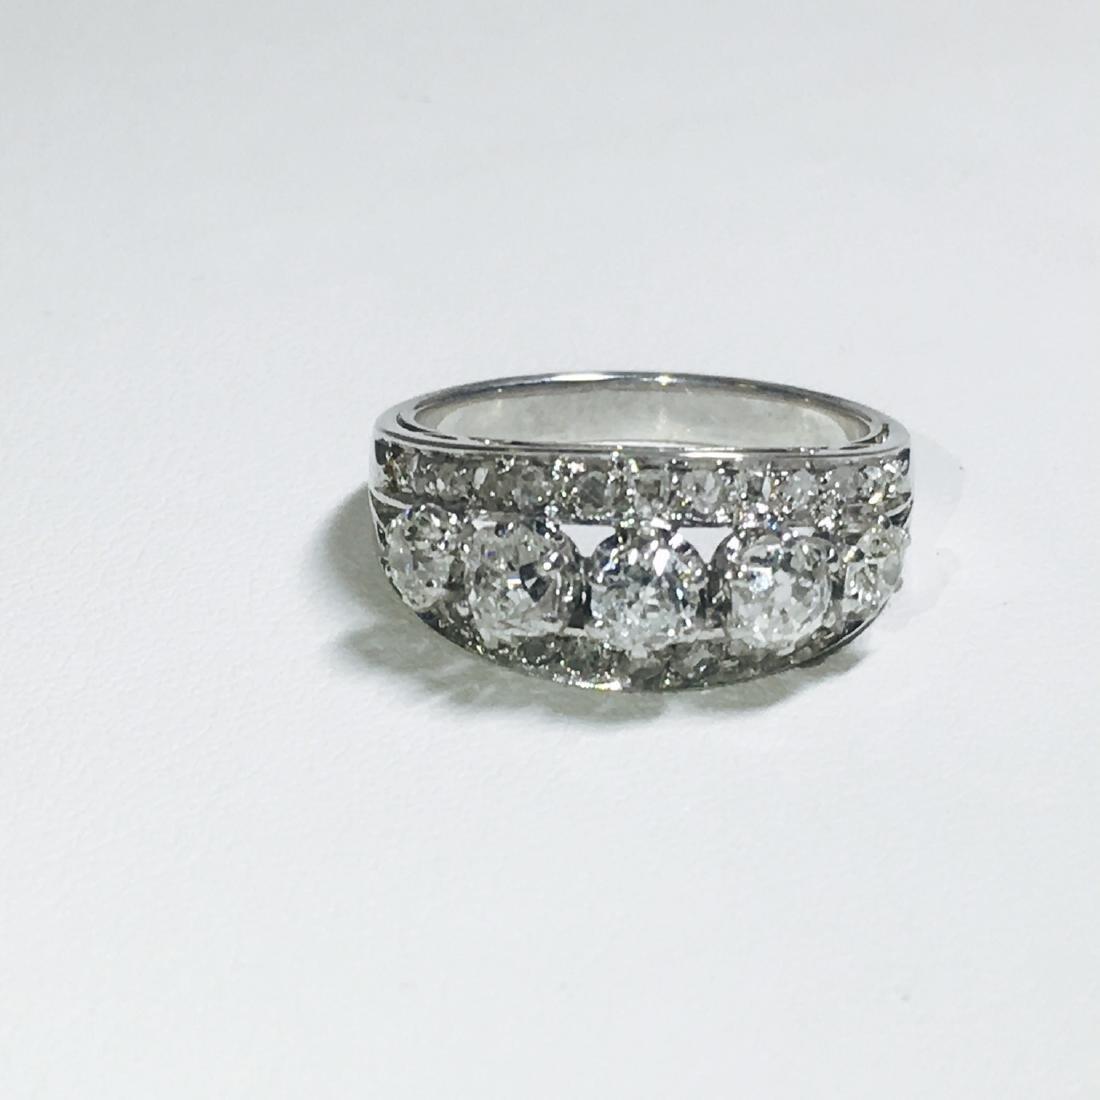 Vintage 18K White Gold, 1.25 CT VS/G Diamond Ring (GIA) - 2